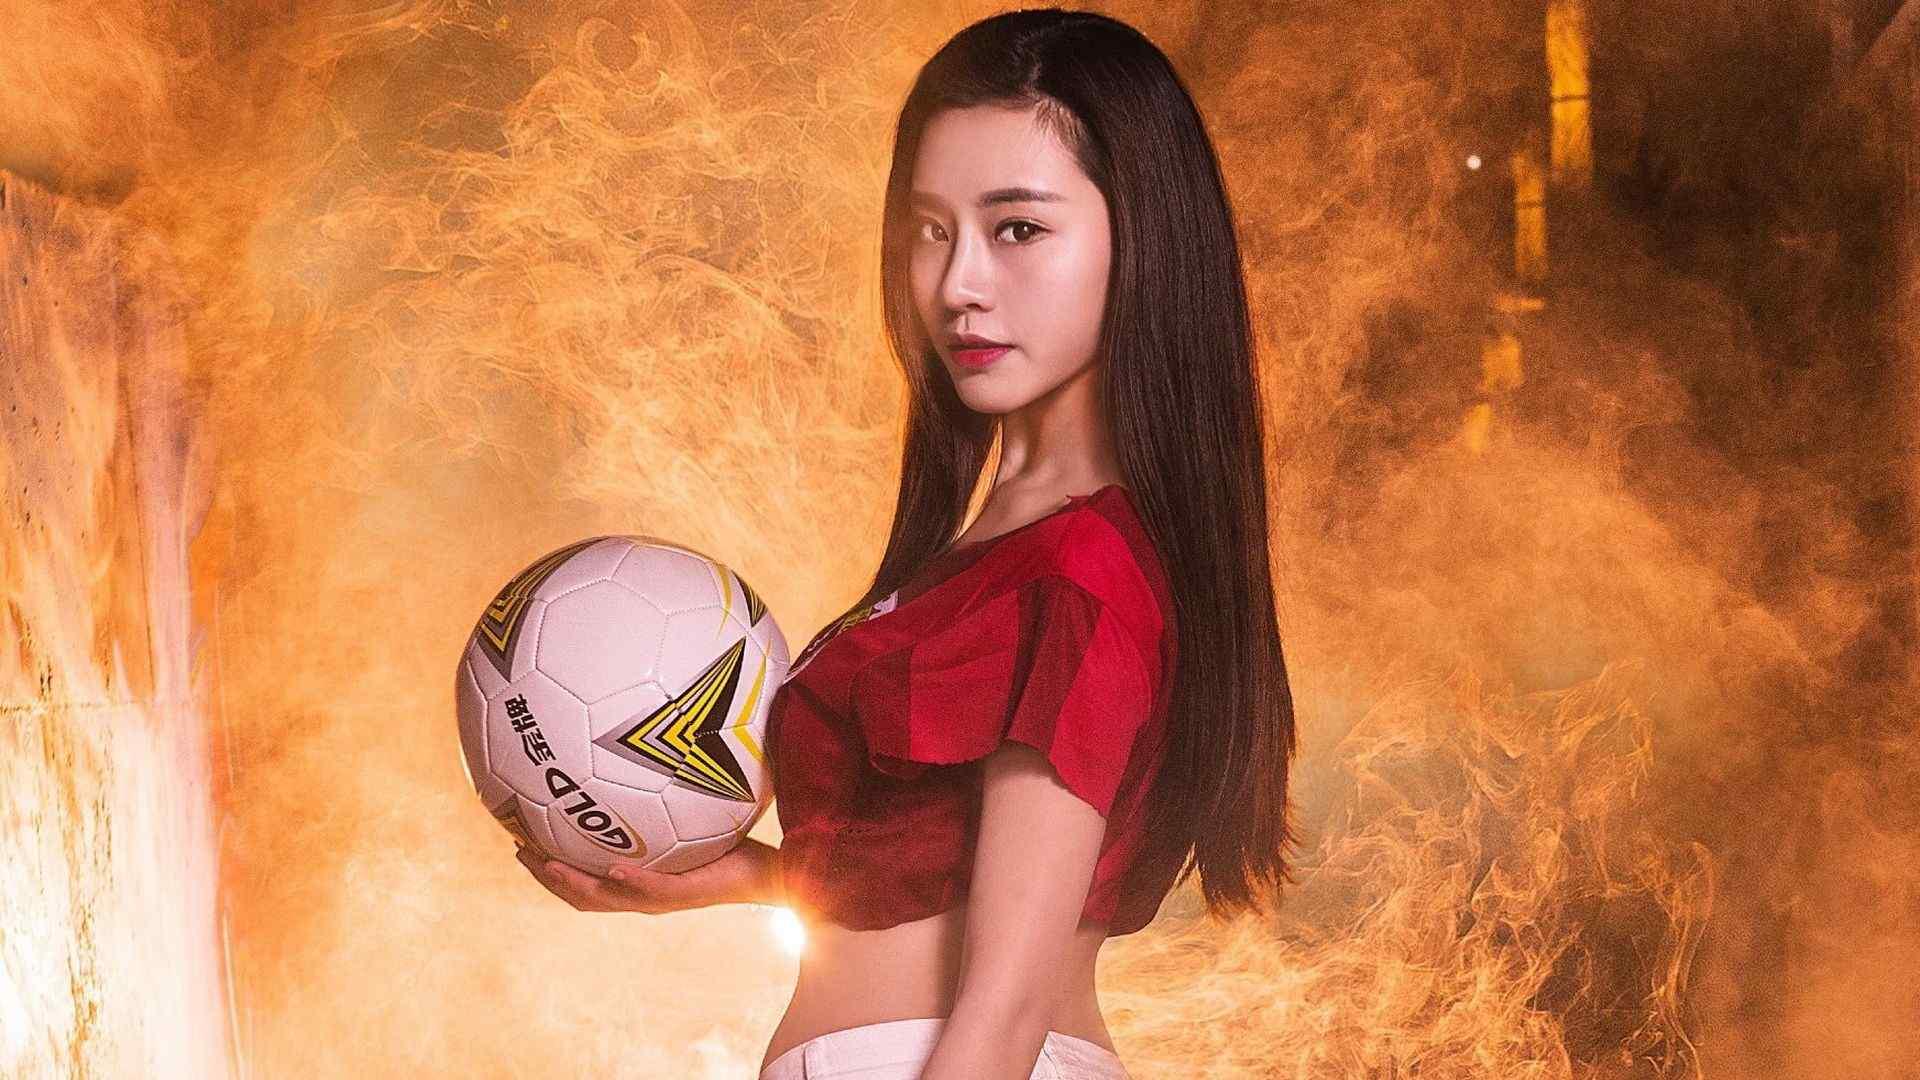 足球宝贝妍子沁性感写真壁纸图片下载